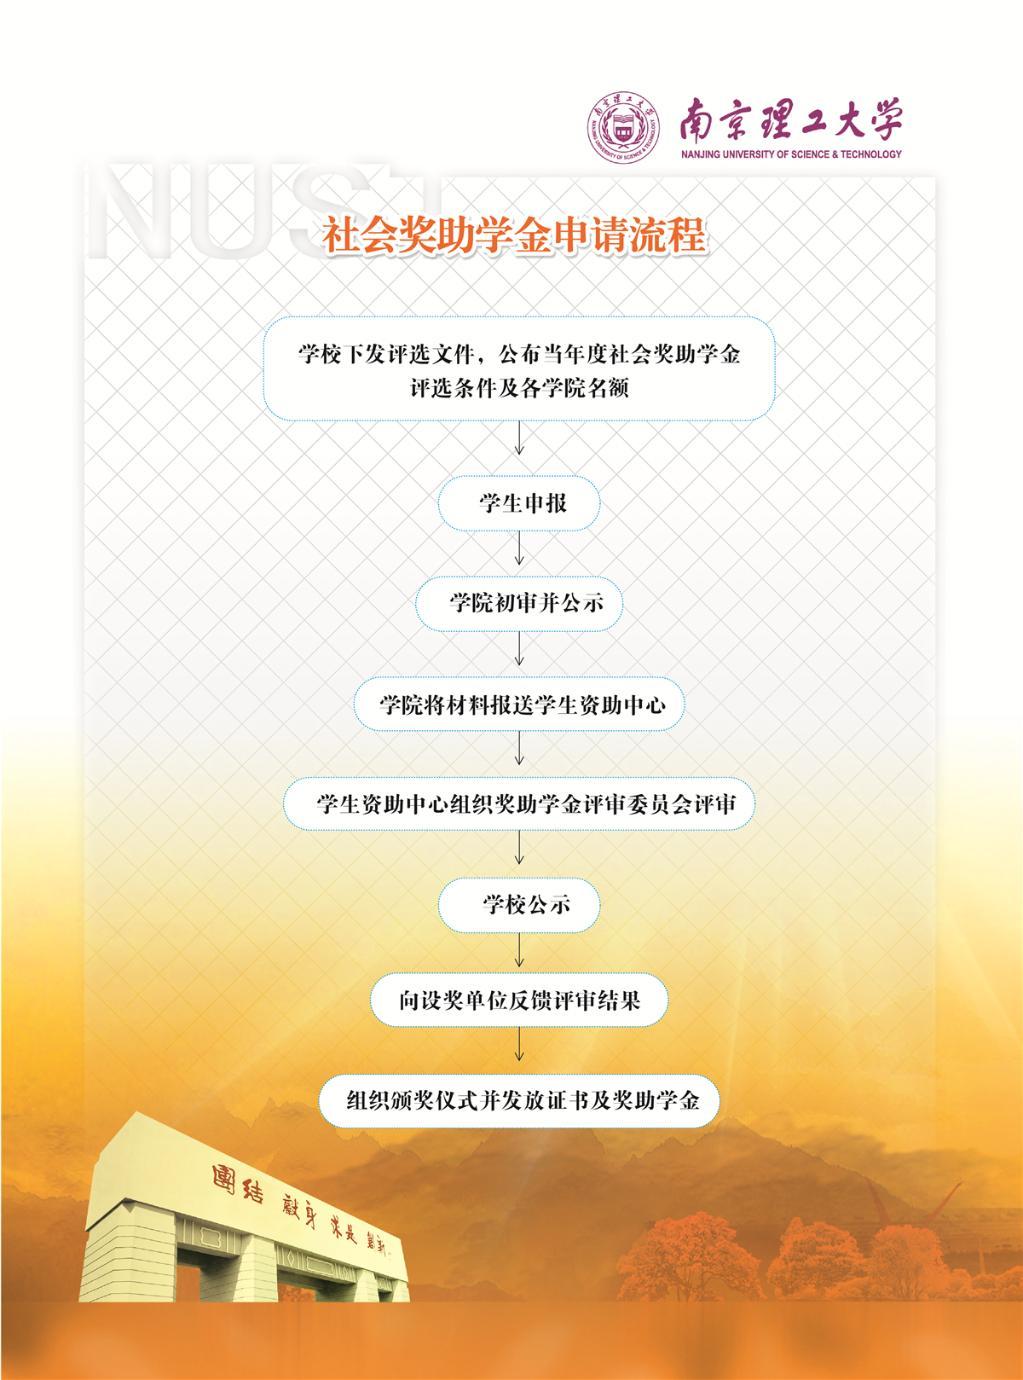 南京理工大学社会奖助学金申请流程